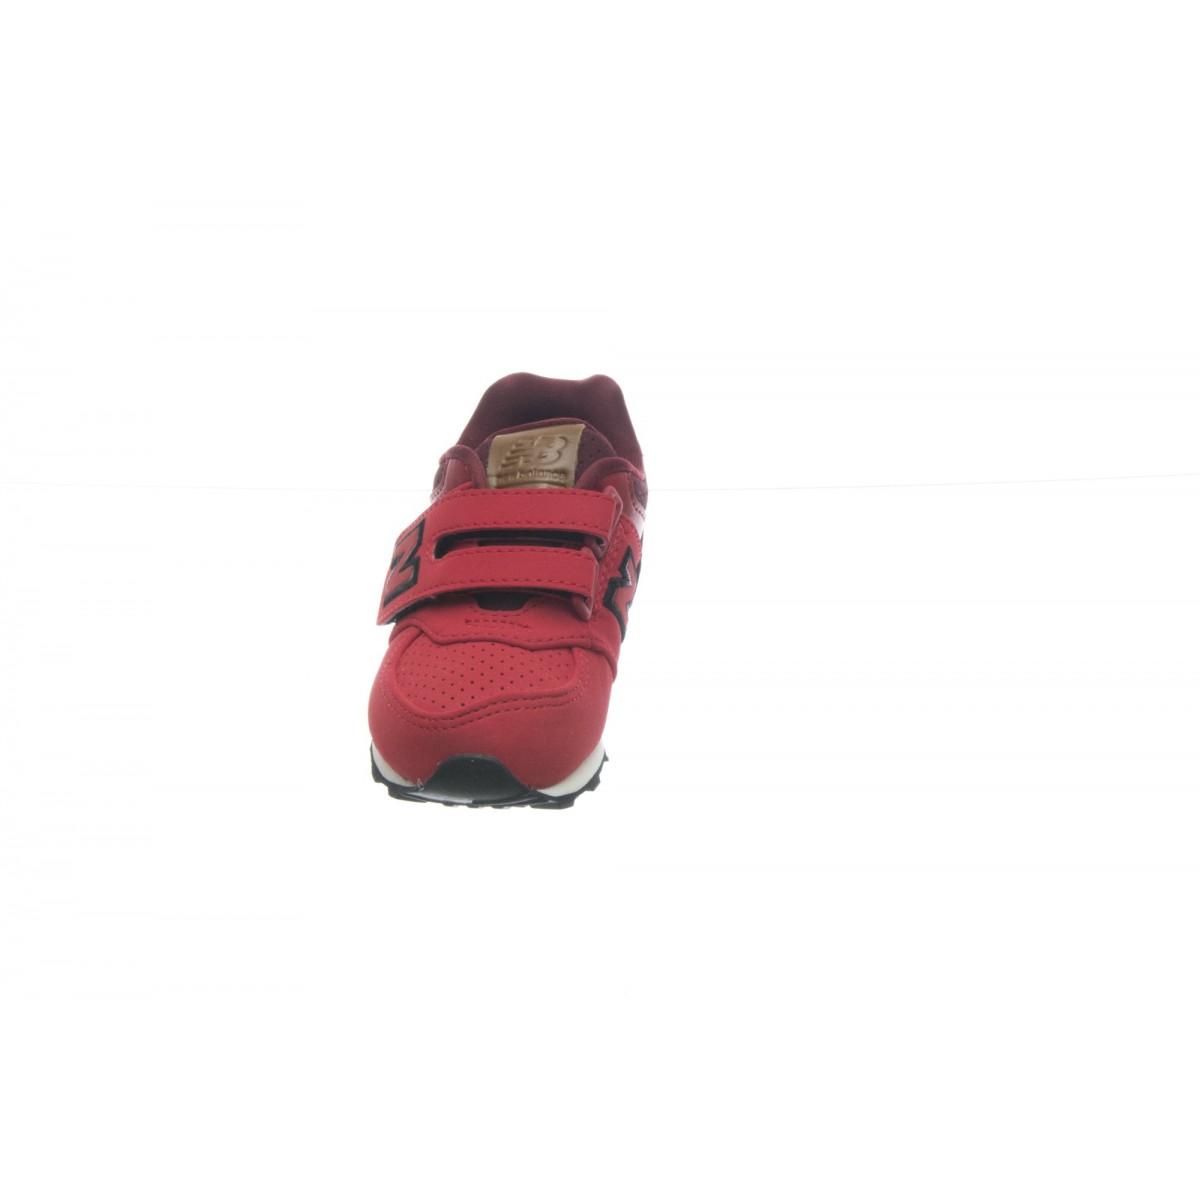 Scarpe - Kv574 infant velcro